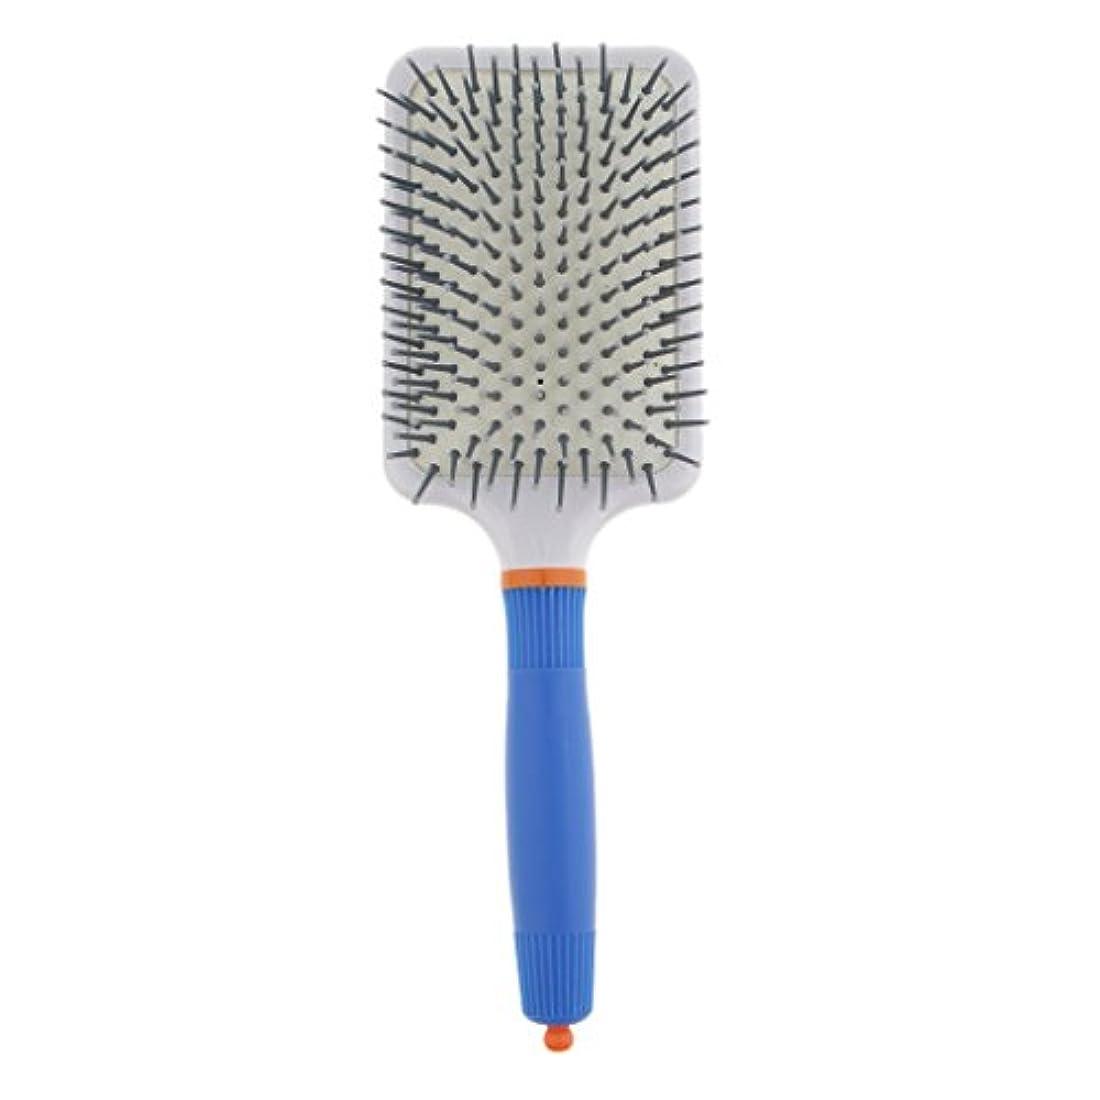 検索エンジンマーケティング中古ゲートT TOOYFUL プラスチック製 ブラシ 頭皮マッサージブラシ フラットヘアブラシ 櫛 静電気防止 全2色 - ダークブルー